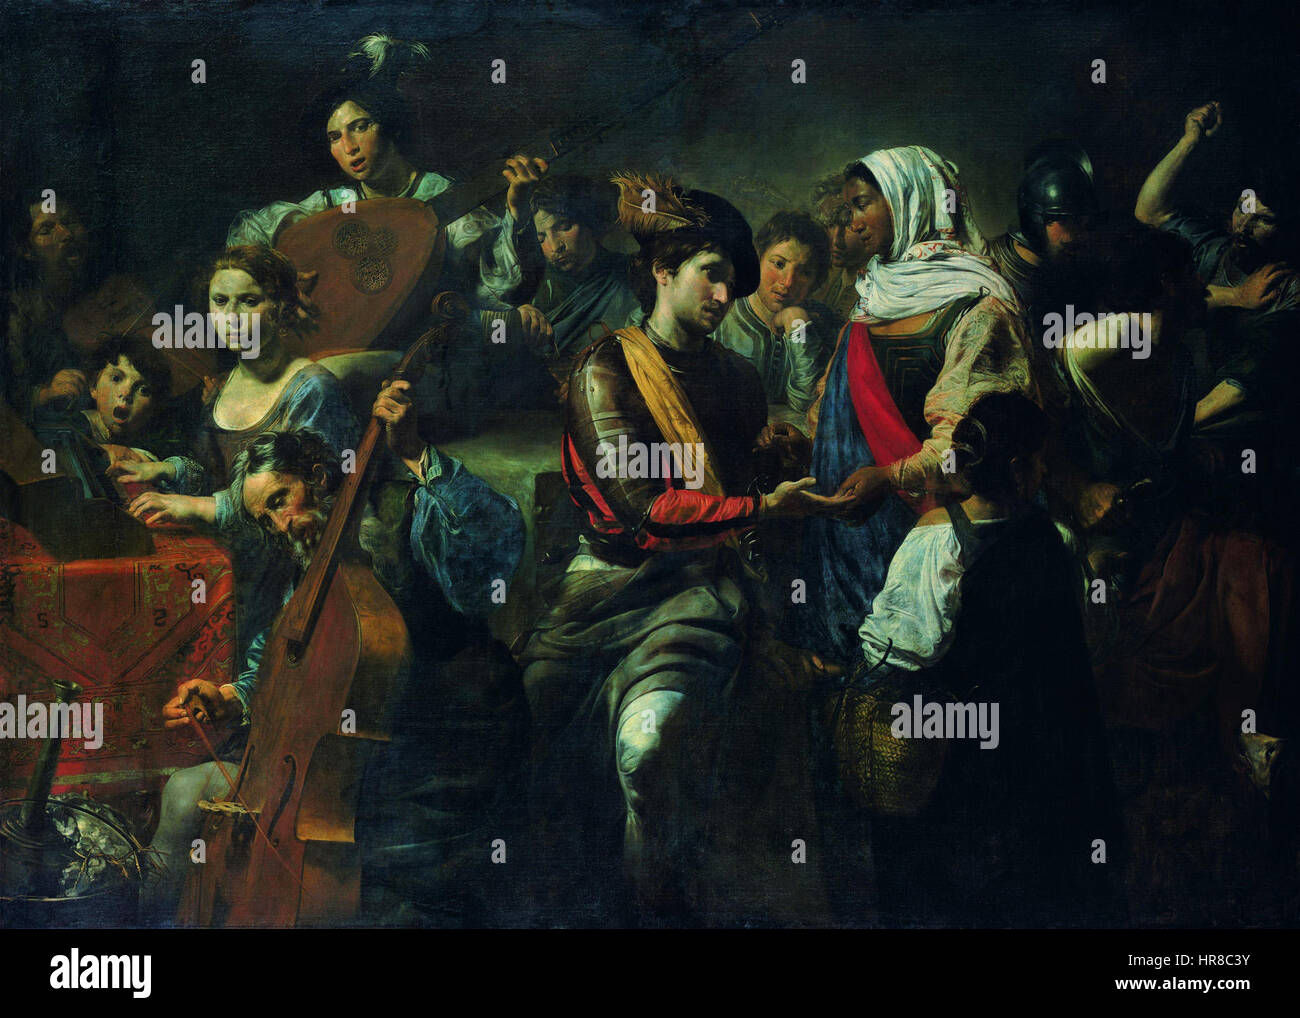 Valentin de Boulogne - La Buona ventura - Stock Image